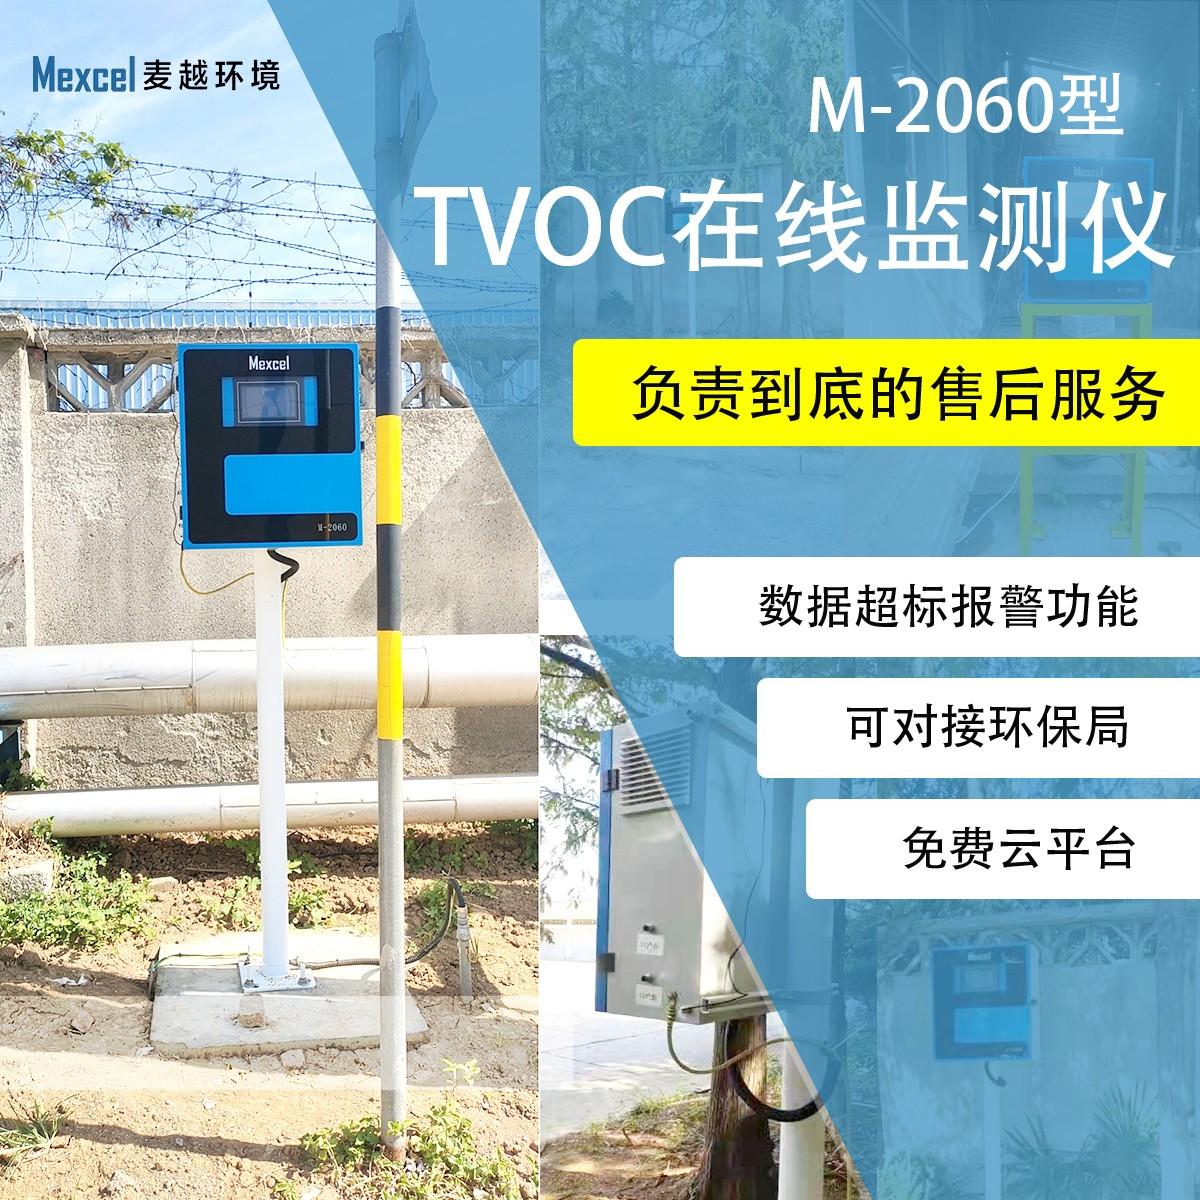 VOCs在线监测仪可以测哪些参数